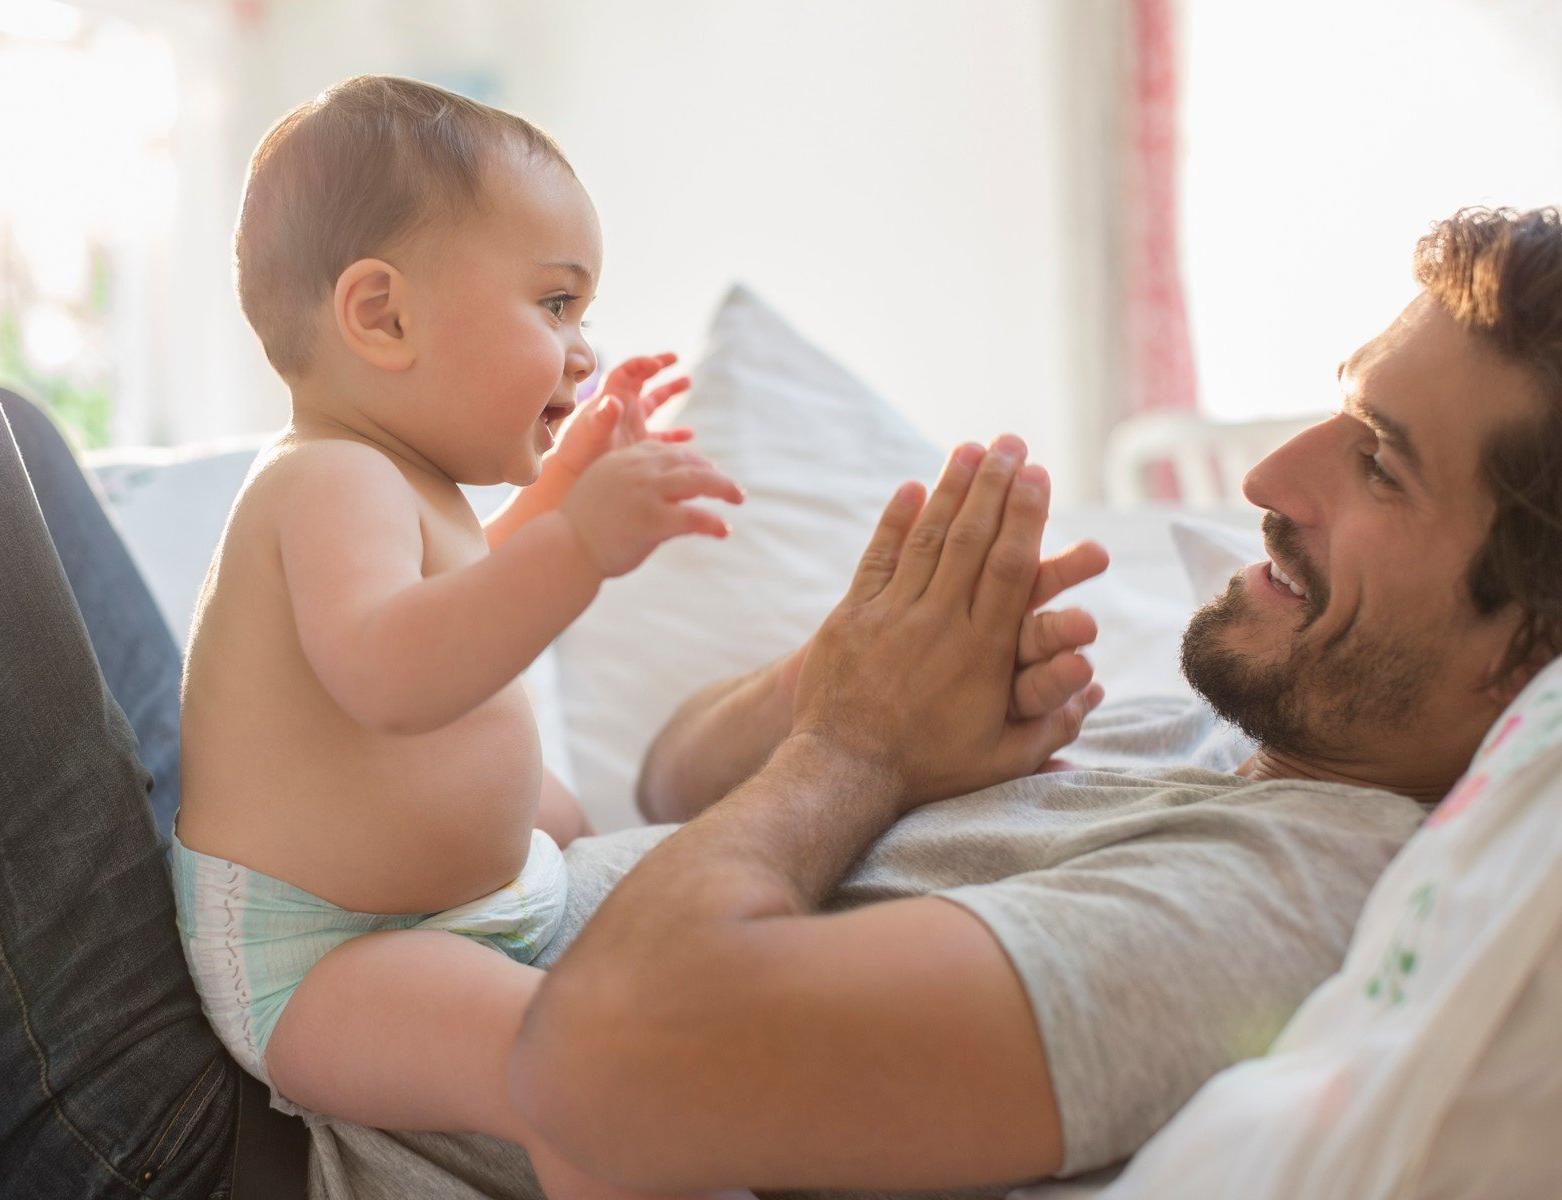 Děti přebírají slovní zásobu od táty, mluvit se učí od mámy